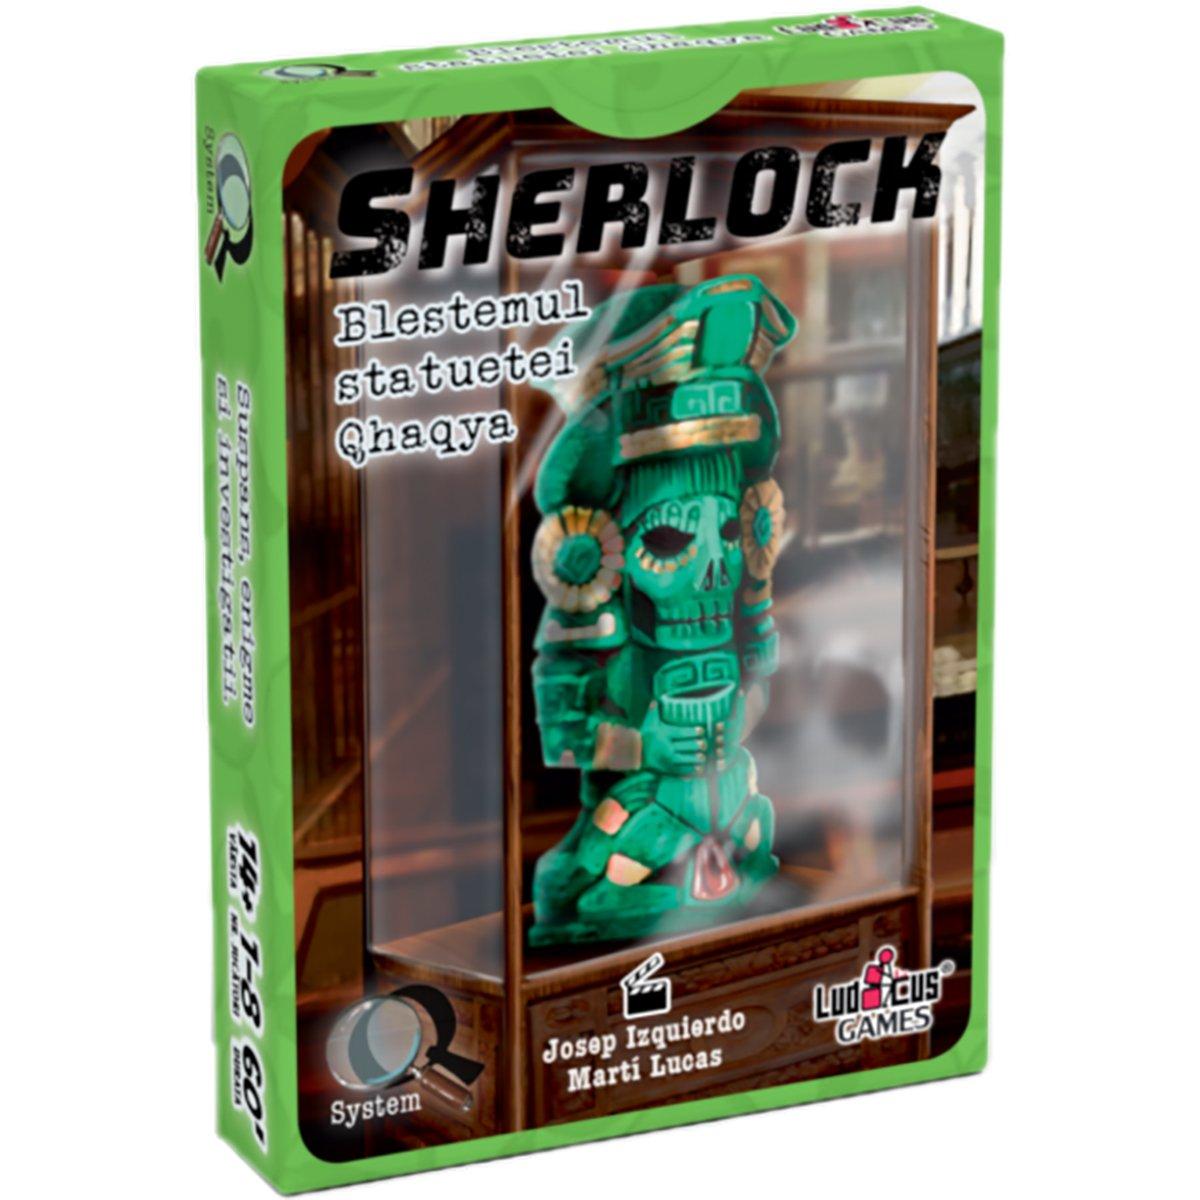 Joc de societate Enigma Studio, Sherlock, Q3 Blestemul statuetei Qhaqya